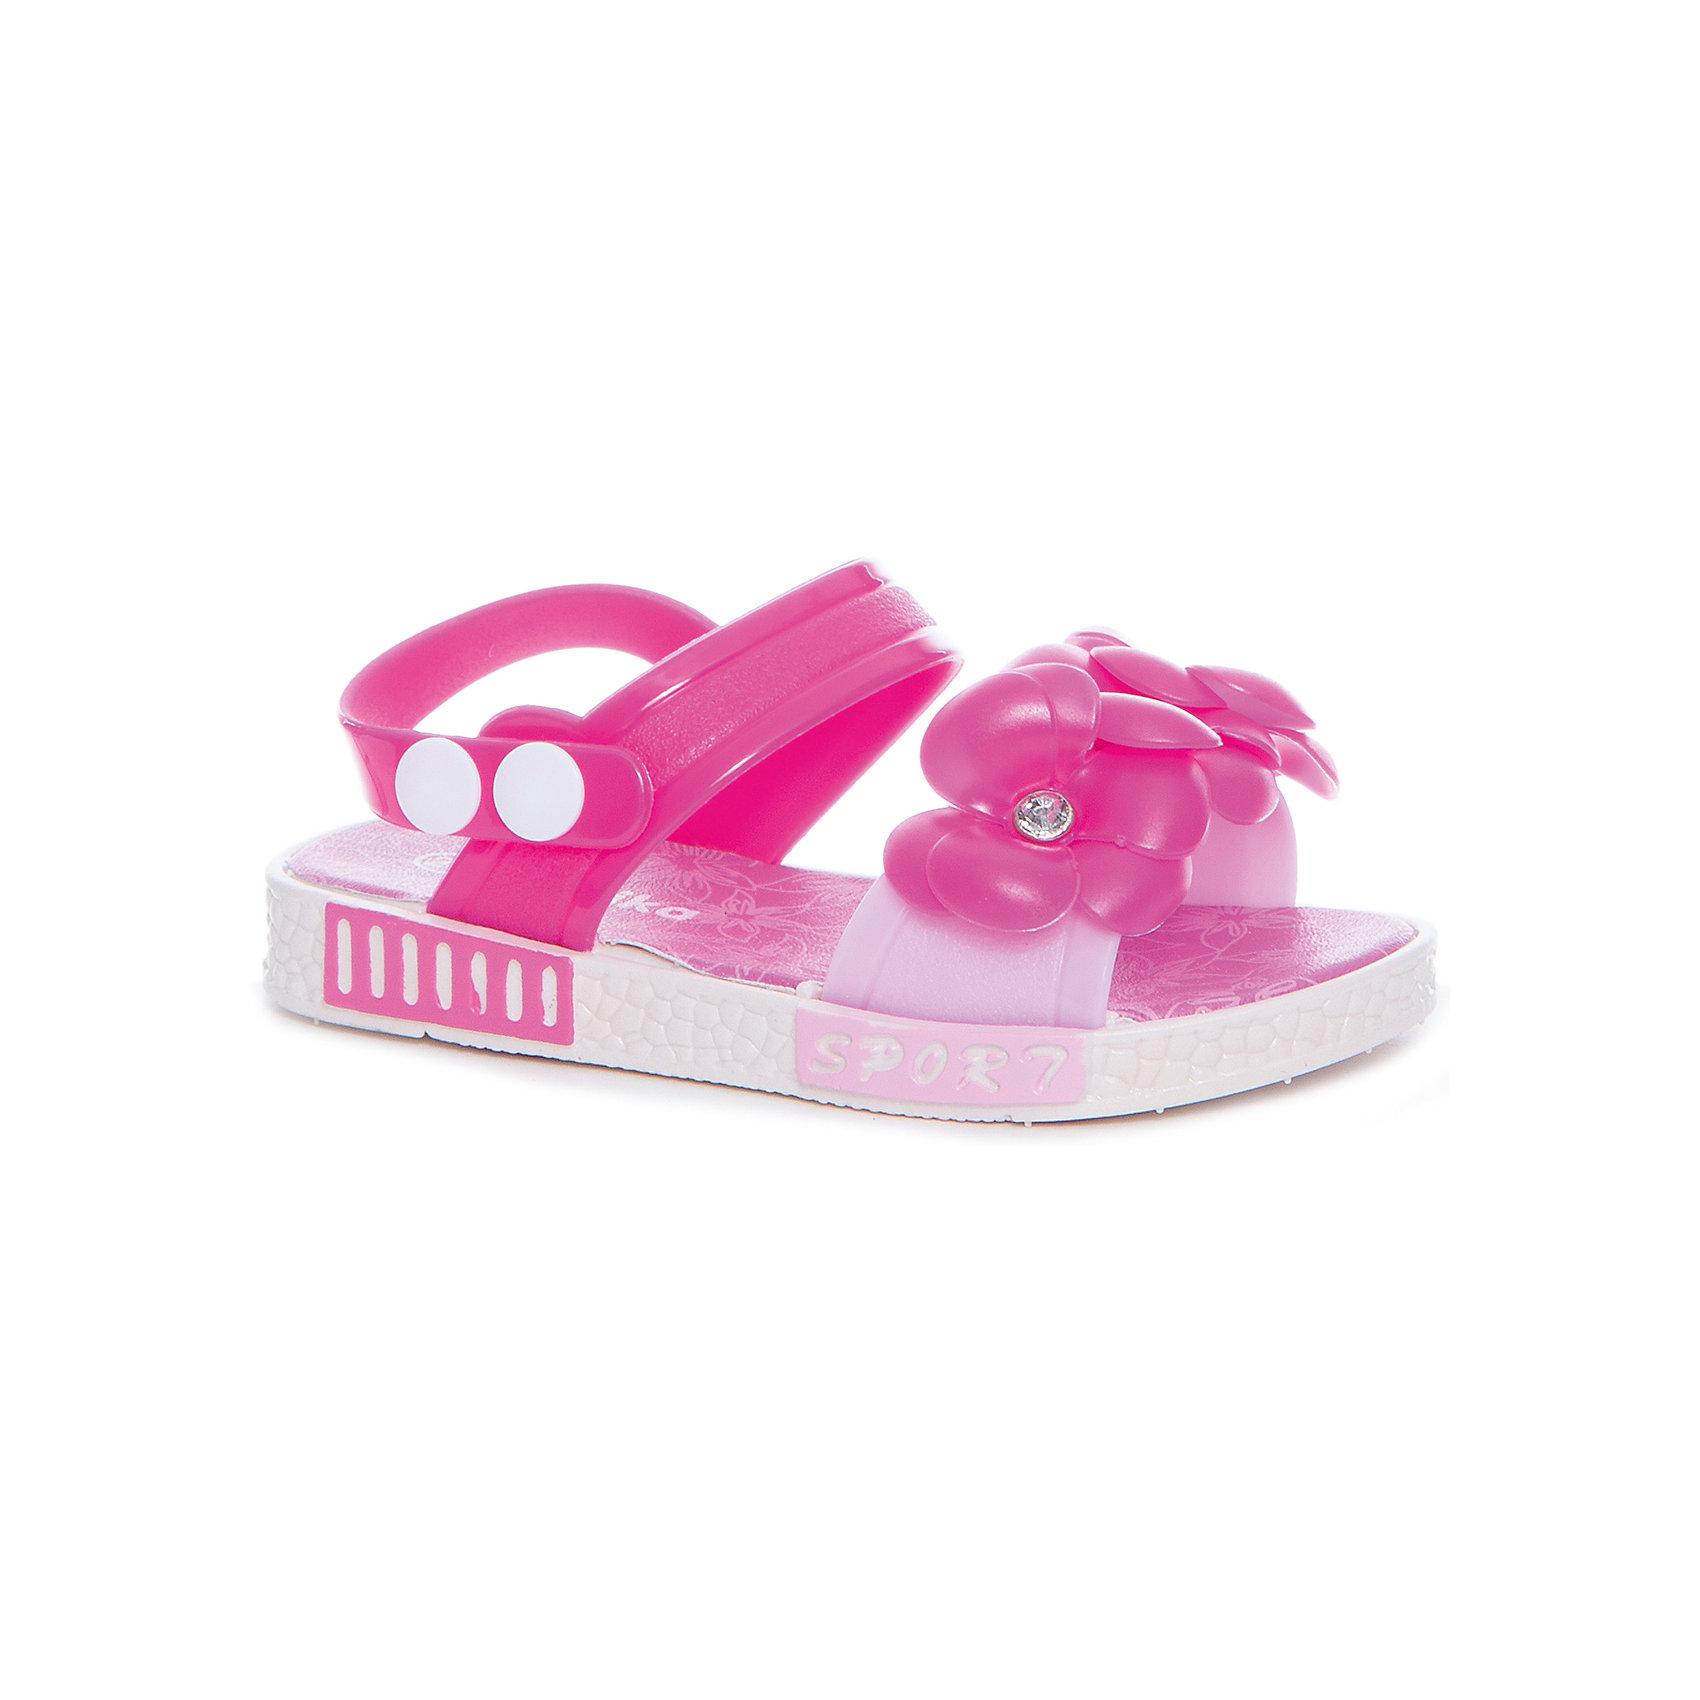 Босоножки для девочки KAPIKA, розовыйБосоножки<br>Характеристики товара:<br><br>• цвет: розовый<br>• внешний материал обуви: ЭВА, ПВХ<br>• внутренний материал: ЭВА<br>• подошва:ЭВА<br>• сезон: лето<br>• тип застежки: на кнопке<br>• декорированы цветами<br>• страна бренда: Россия<br>• страна изготовитель: Китай<br><br>Яркие босоножки Kapika (Капика) можно купить в нашем интернет-магазине.<br><br>Ширина мм: 227<br>Глубина мм: 145<br>Высота мм: 124<br>Вес г: 325<br>Цвет: разноцветный<br>Возраст от месяцев: 48<br>Возраст до месяцев: 60<br>Пол: Женский<br>Возраст: Детский<br>Размер: 28,27,24,25,26<br>SKU: 5324388